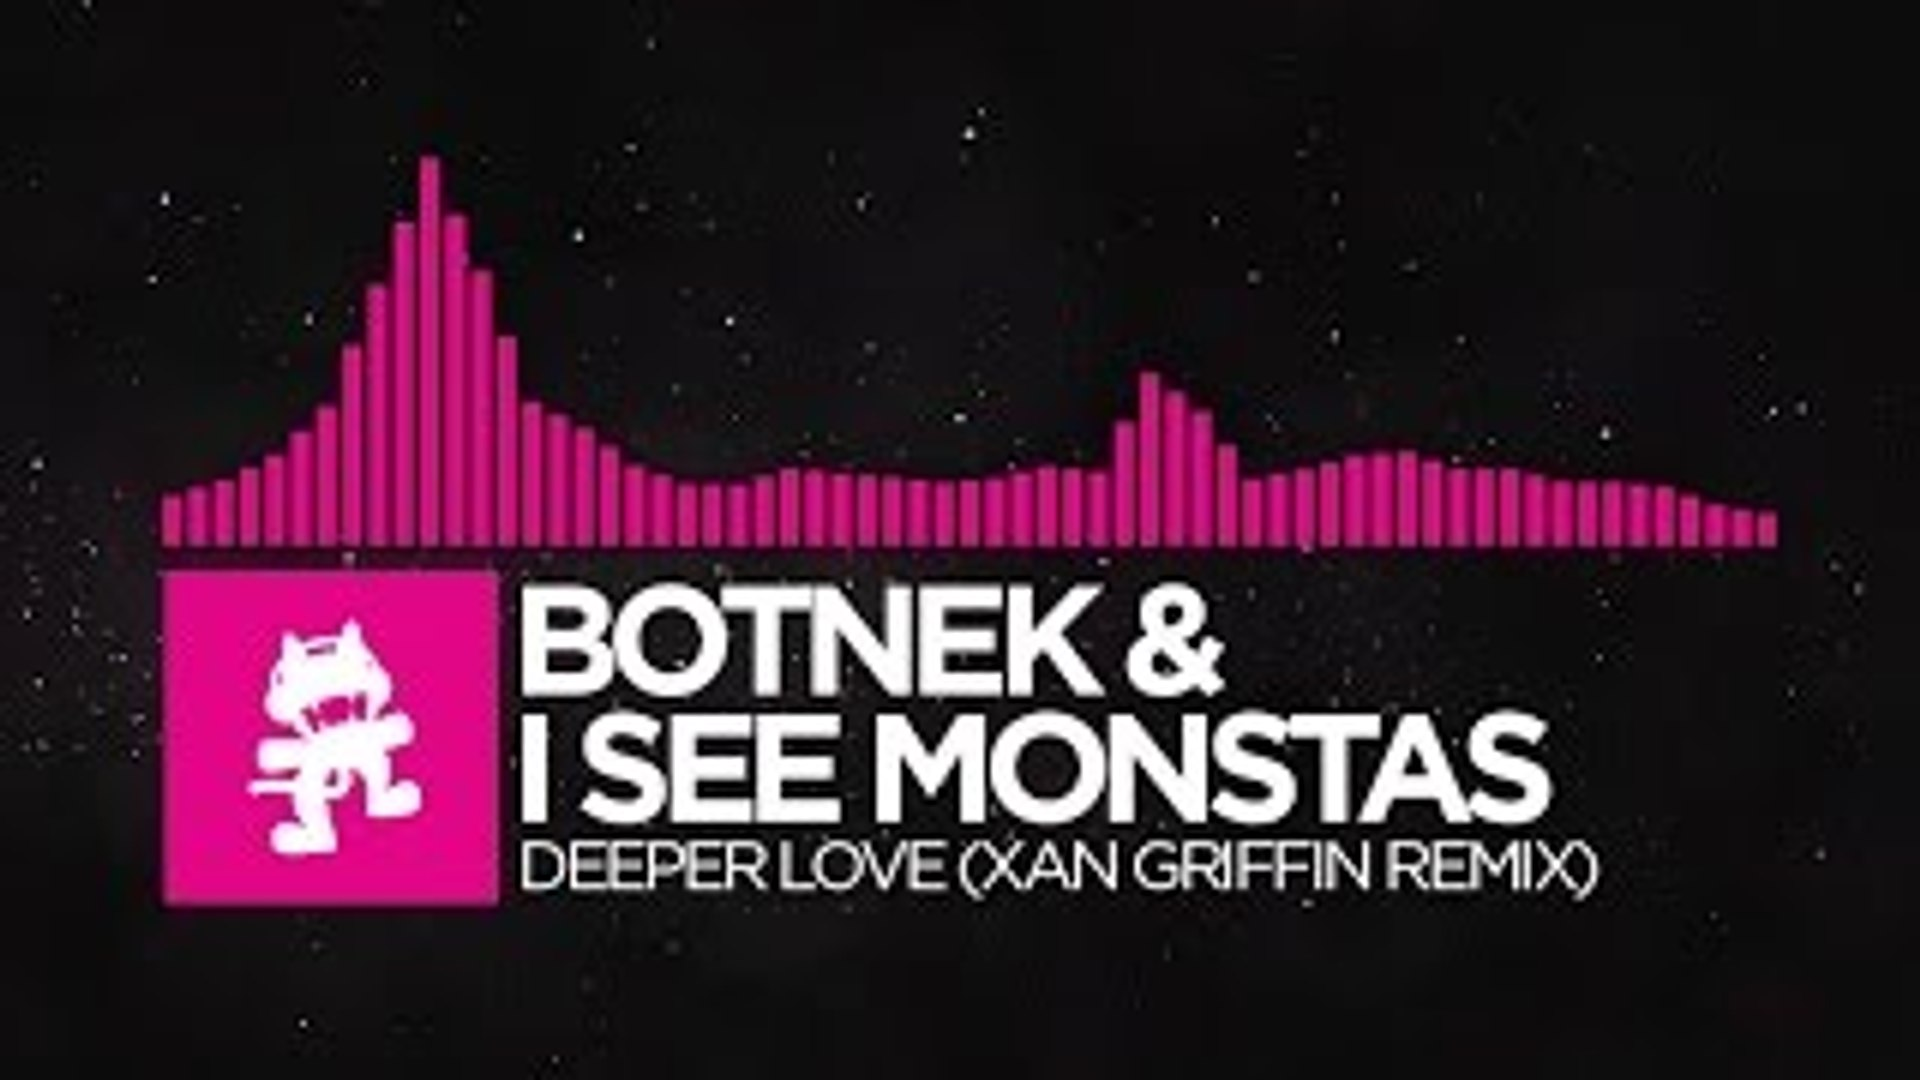 [Drumstep] - Botnek & I See MONSTAS - Deeper Love (Xan Griffin Remix) [Monstercat EP Relea